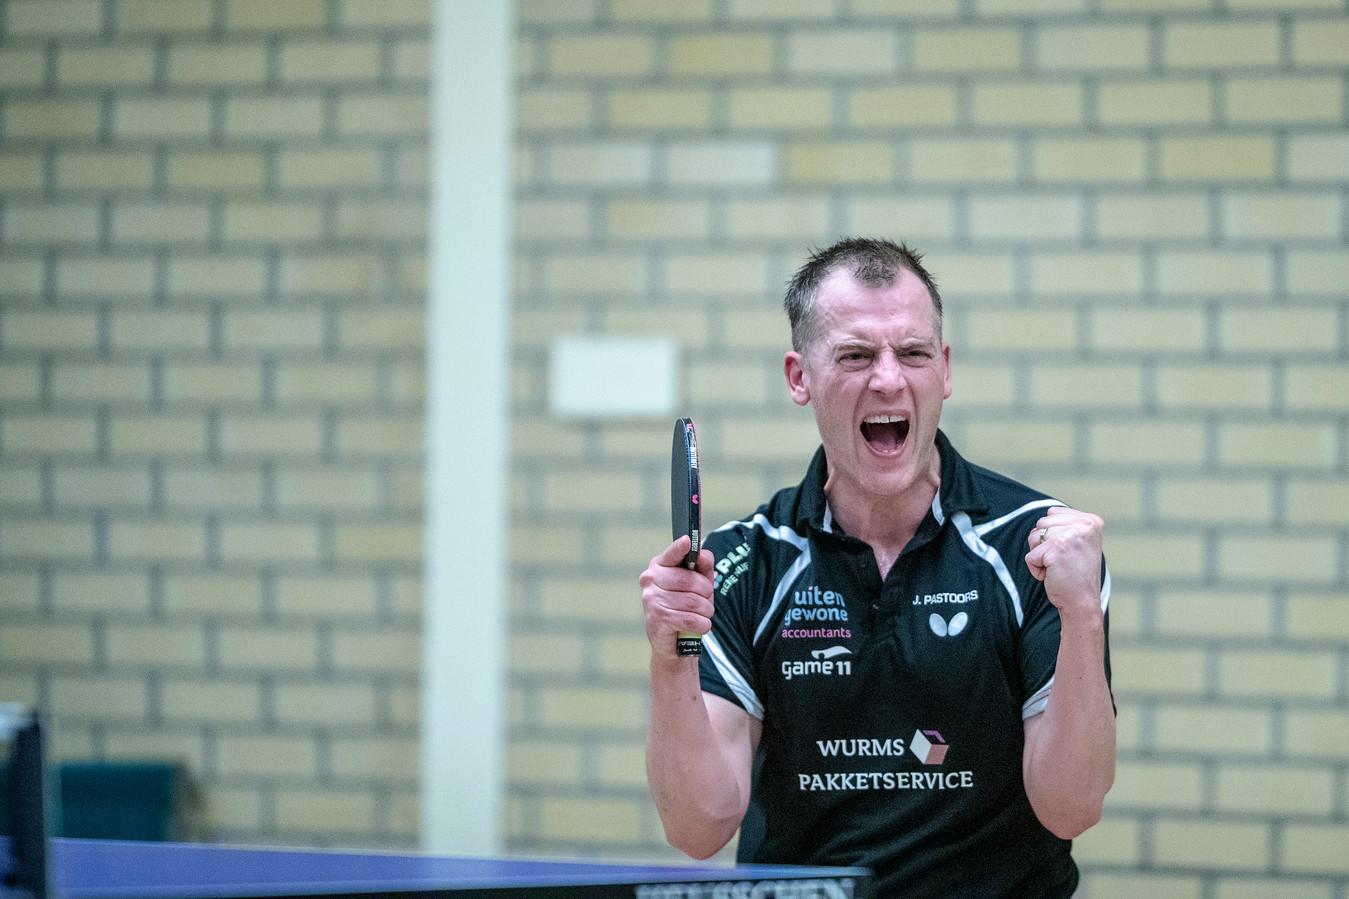 Hercules-speler Jurgen Pastoors juicht na een gewonnen punt.